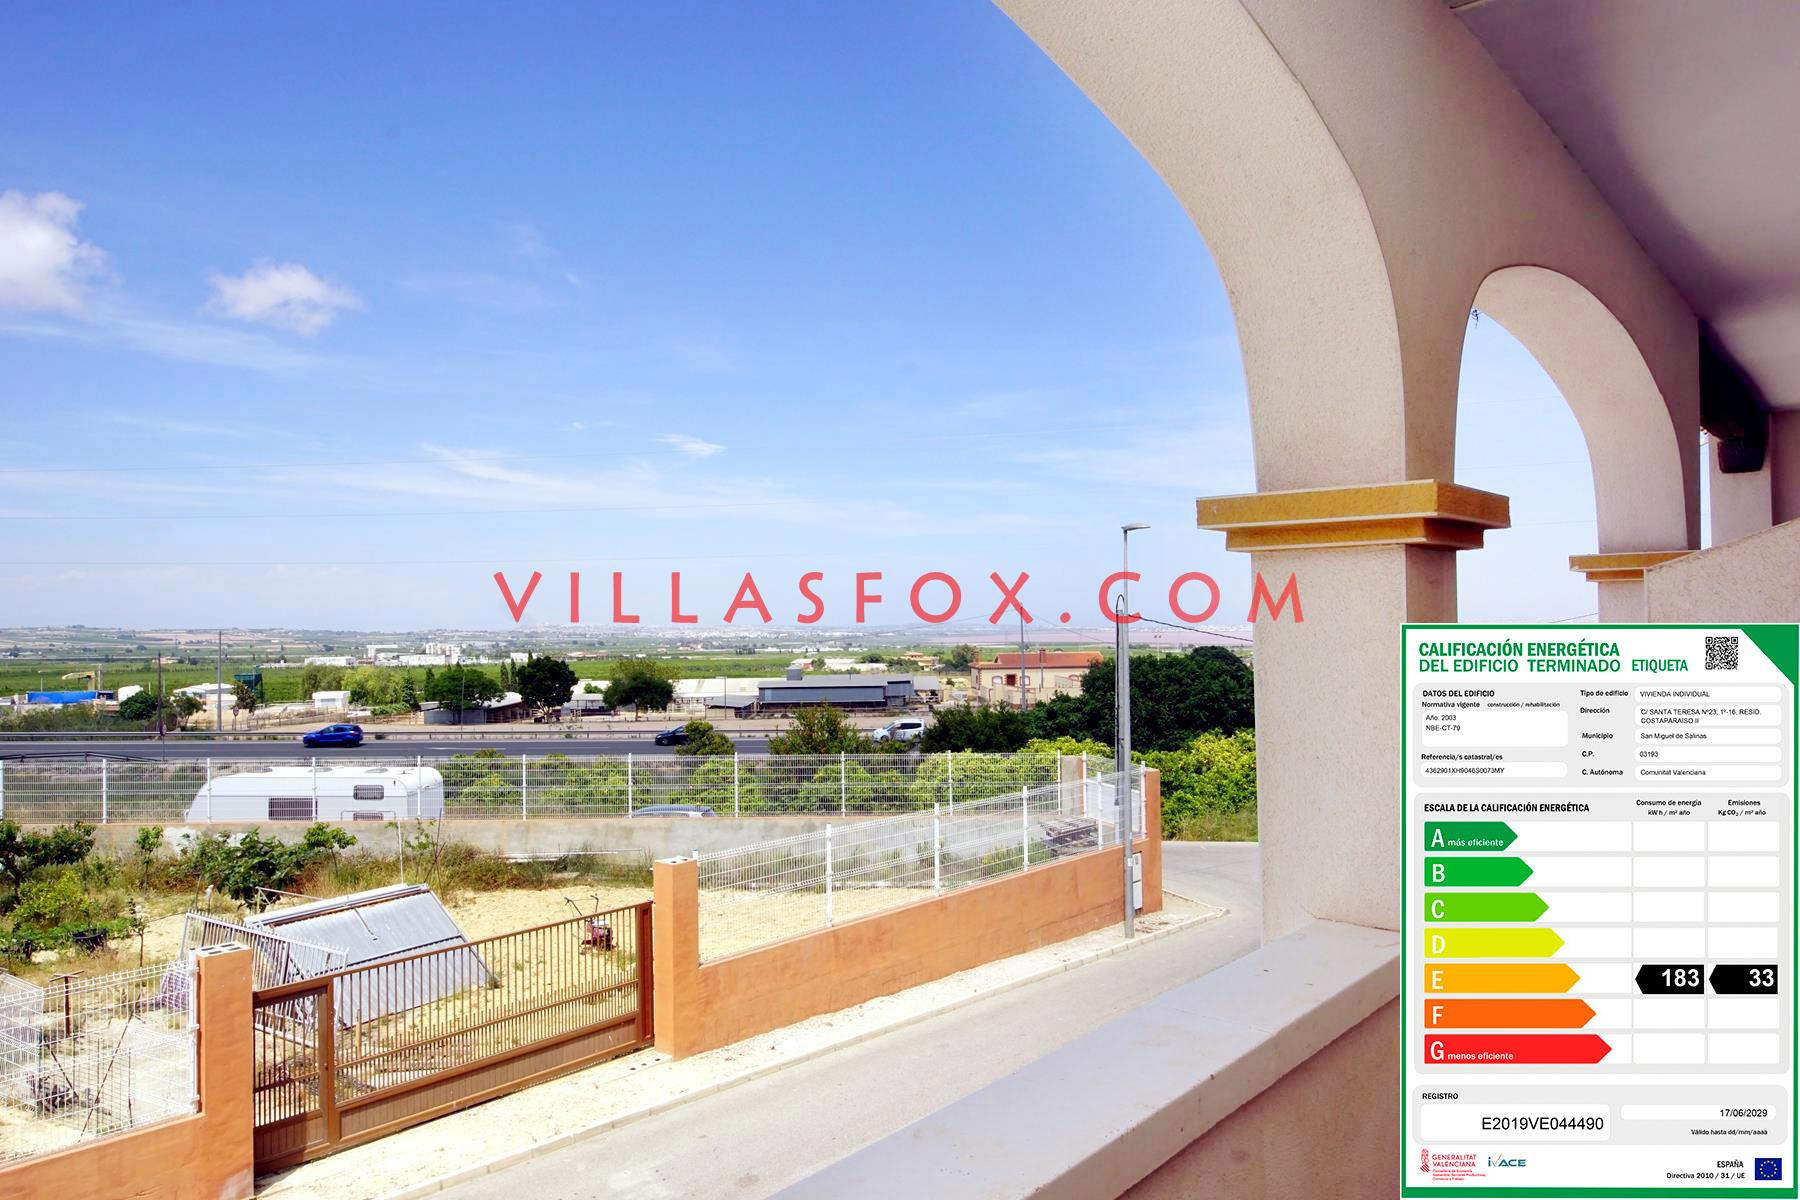 2-bedroom apartment, garage, pool, San Miguel de Salinas town centre